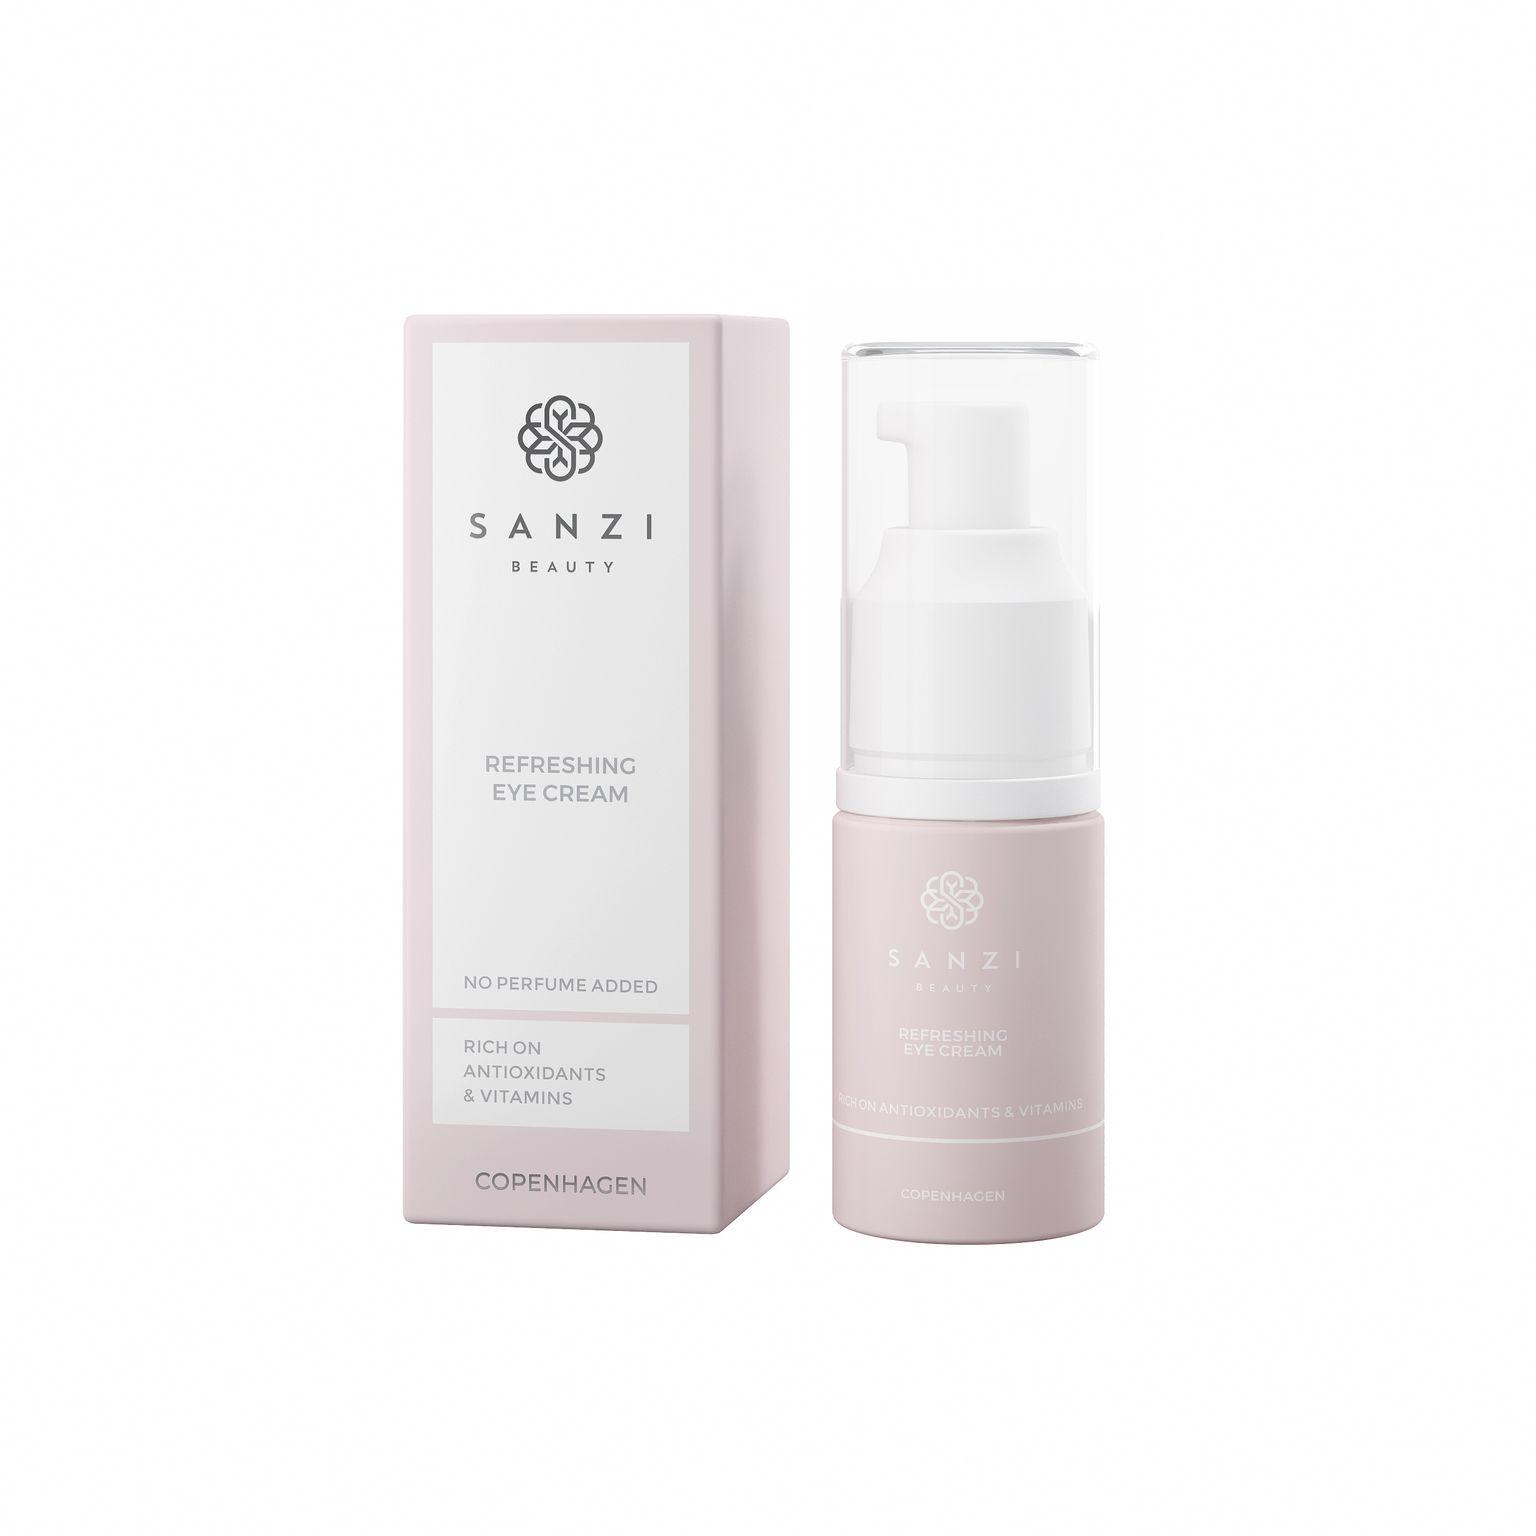 Sanzi Beauty Refreshing Eye Cream, 15 ml